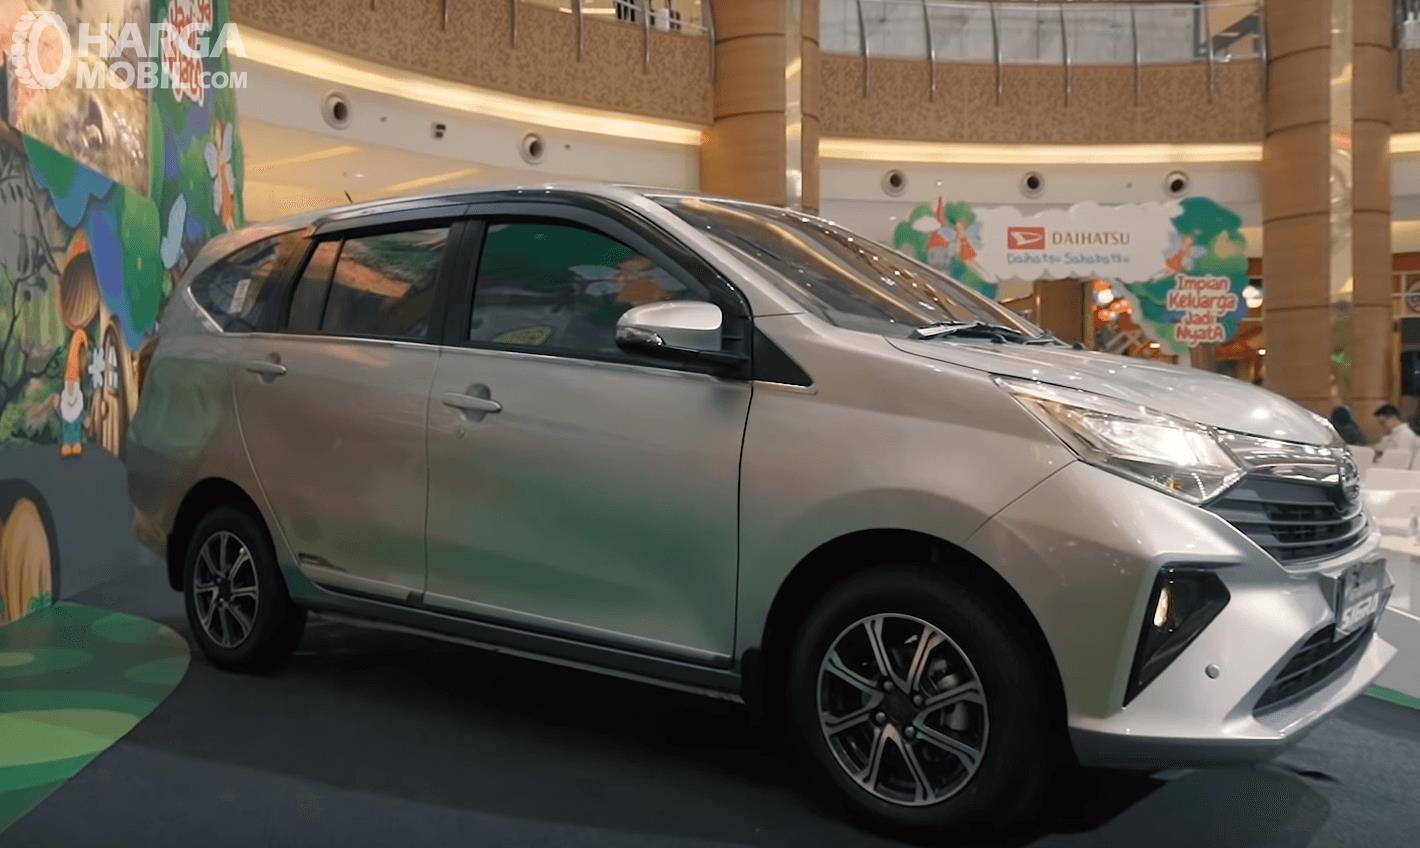 Gambar ini menunjukkan bagian samping mobil Daihatsu Sigra 2019